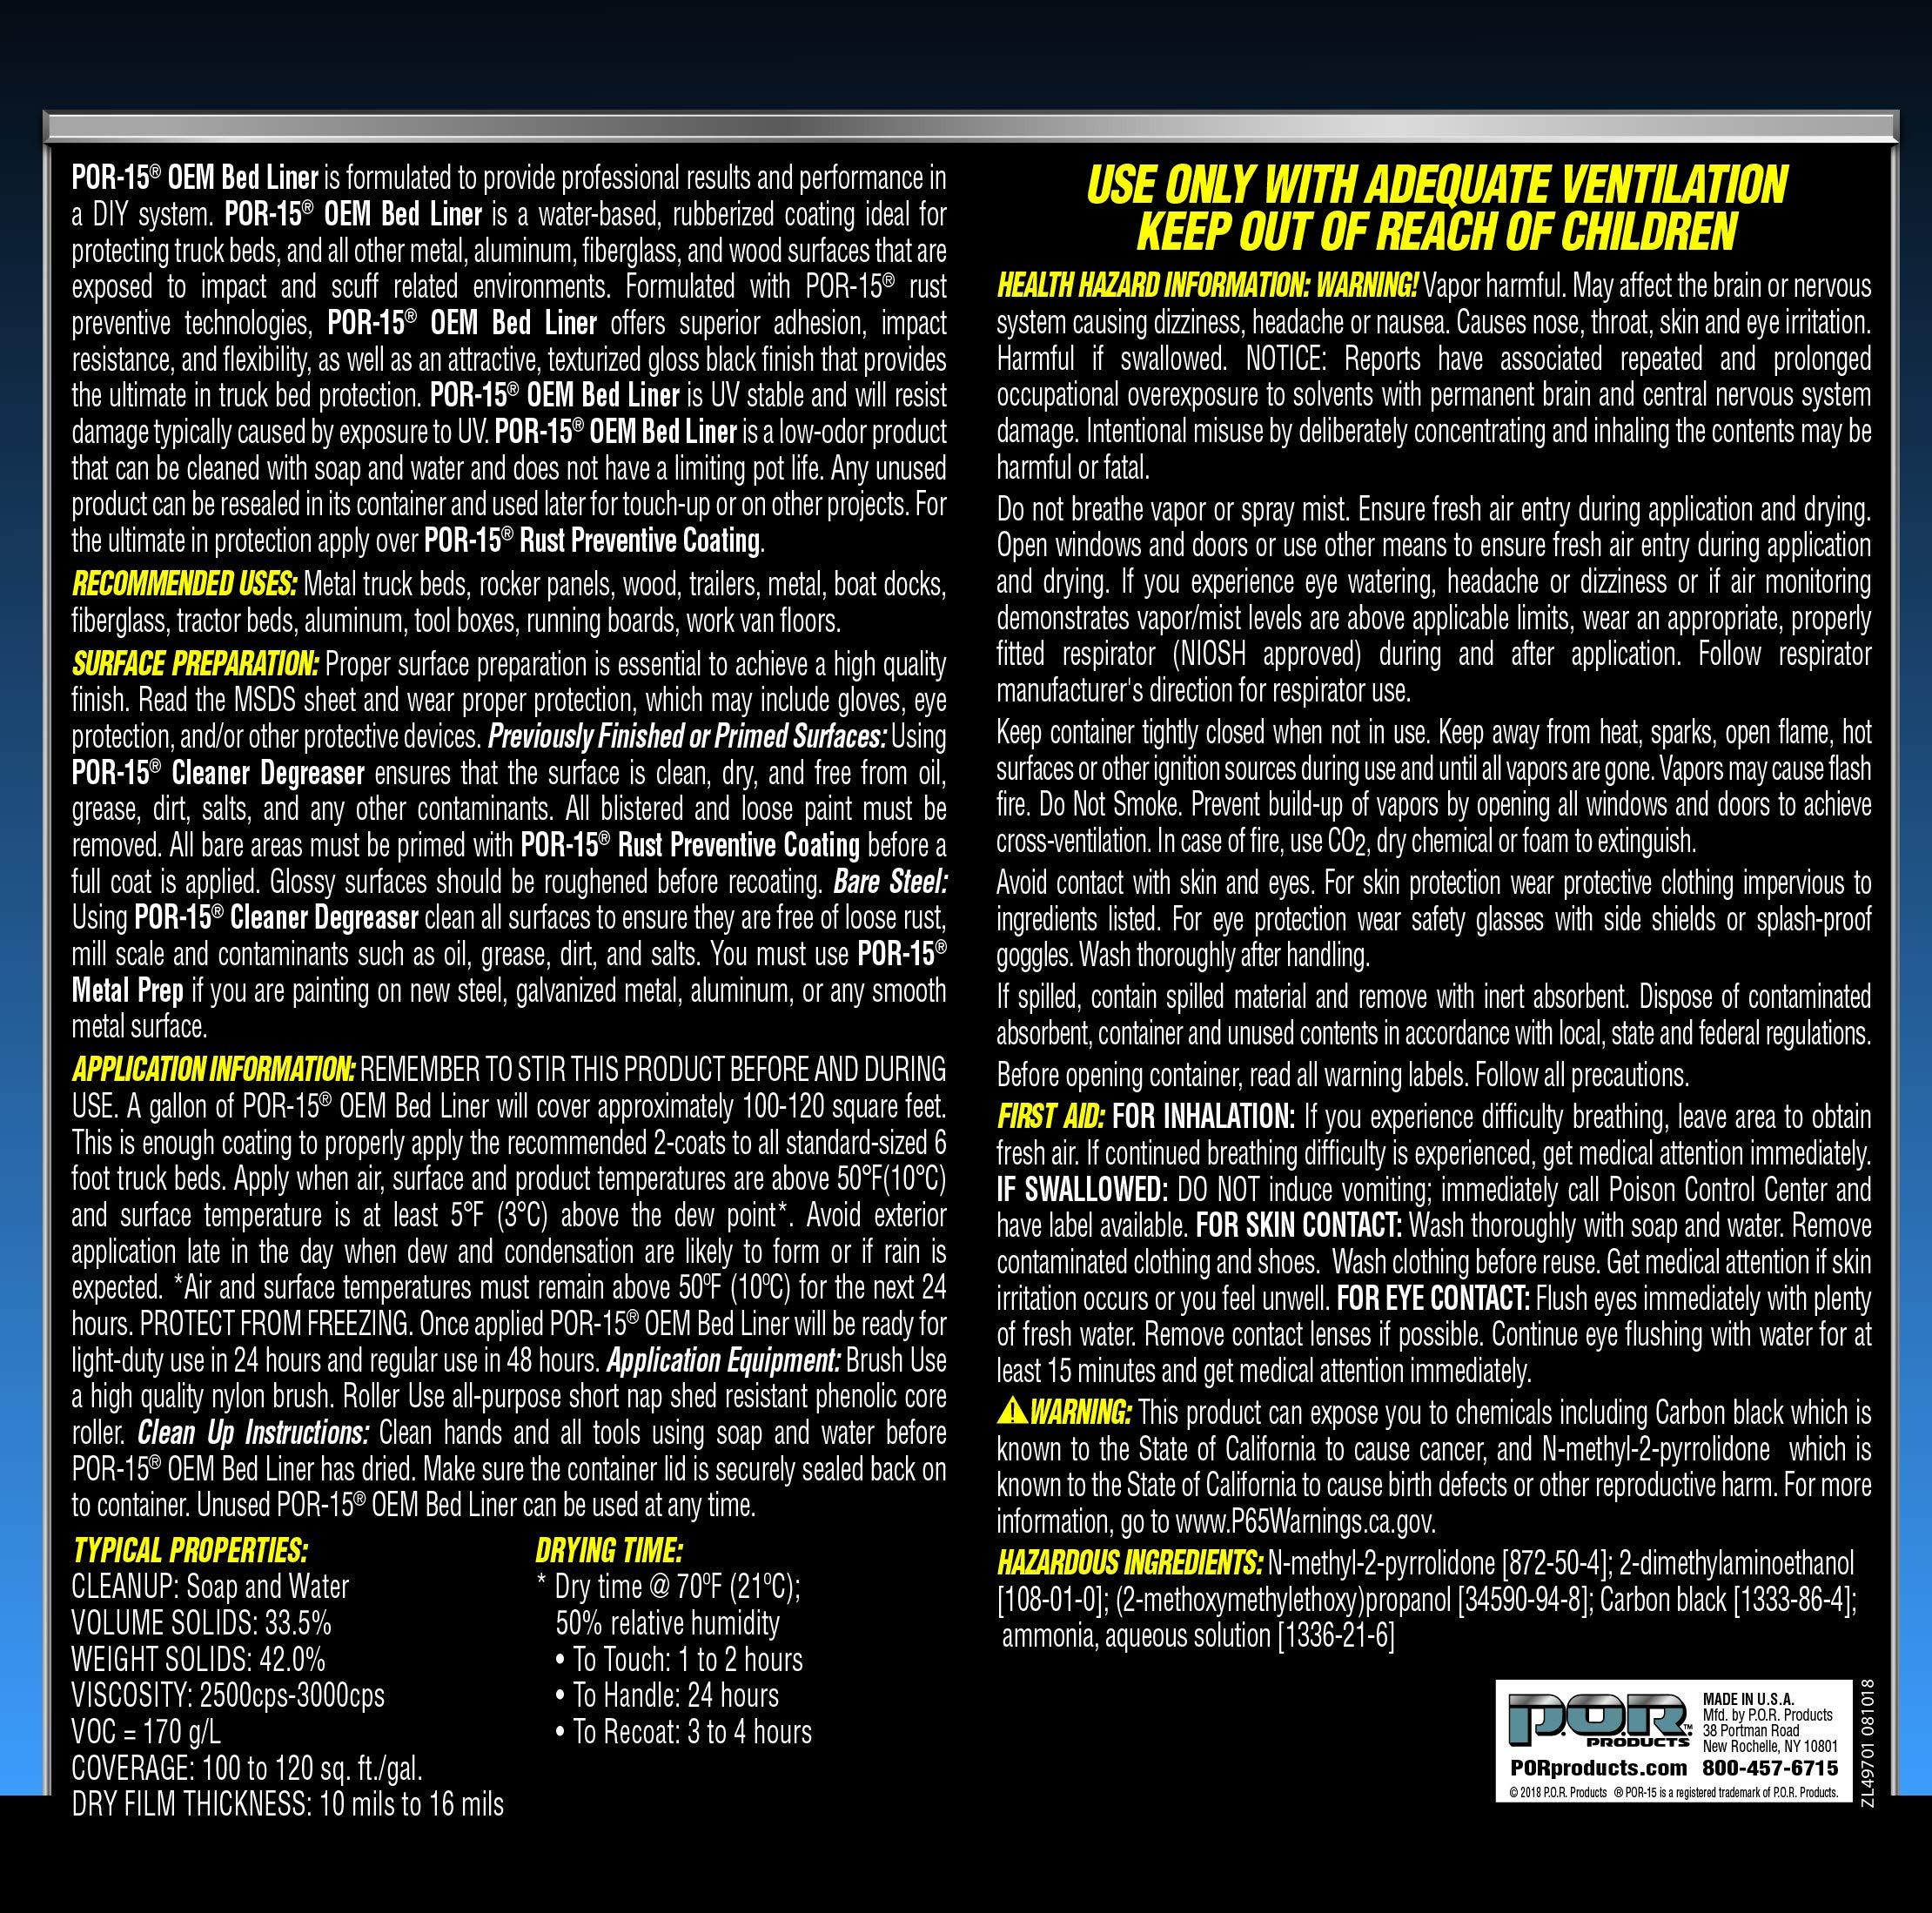 POR-15 49701 OEM Bed Liner - 1 gallon by POR-15 (Image #2)